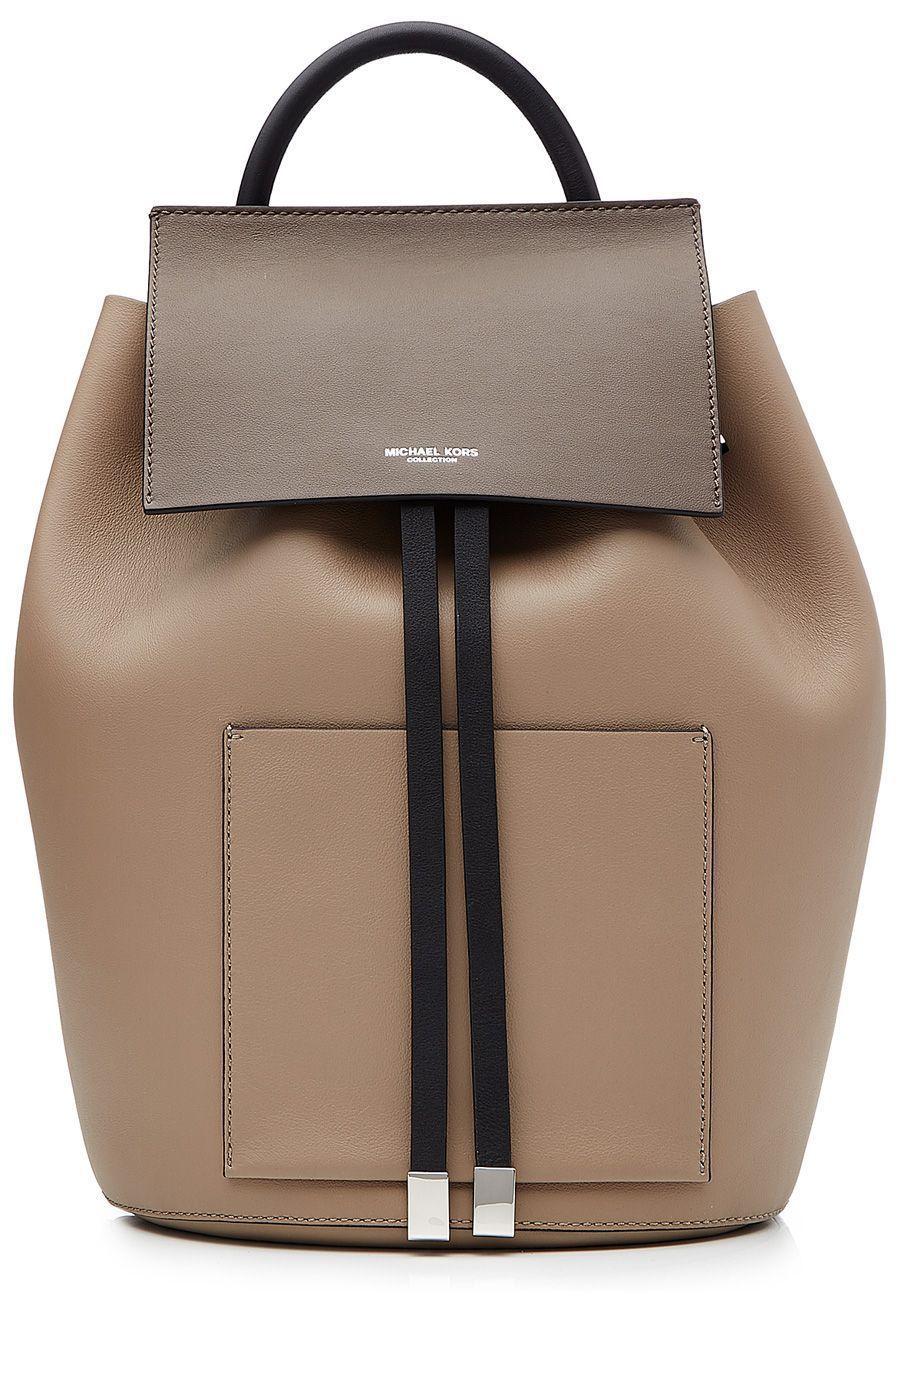 22b482f7a70f3 MICHAEL KORS More handbags wallets - amzn.to 2ha3MFe